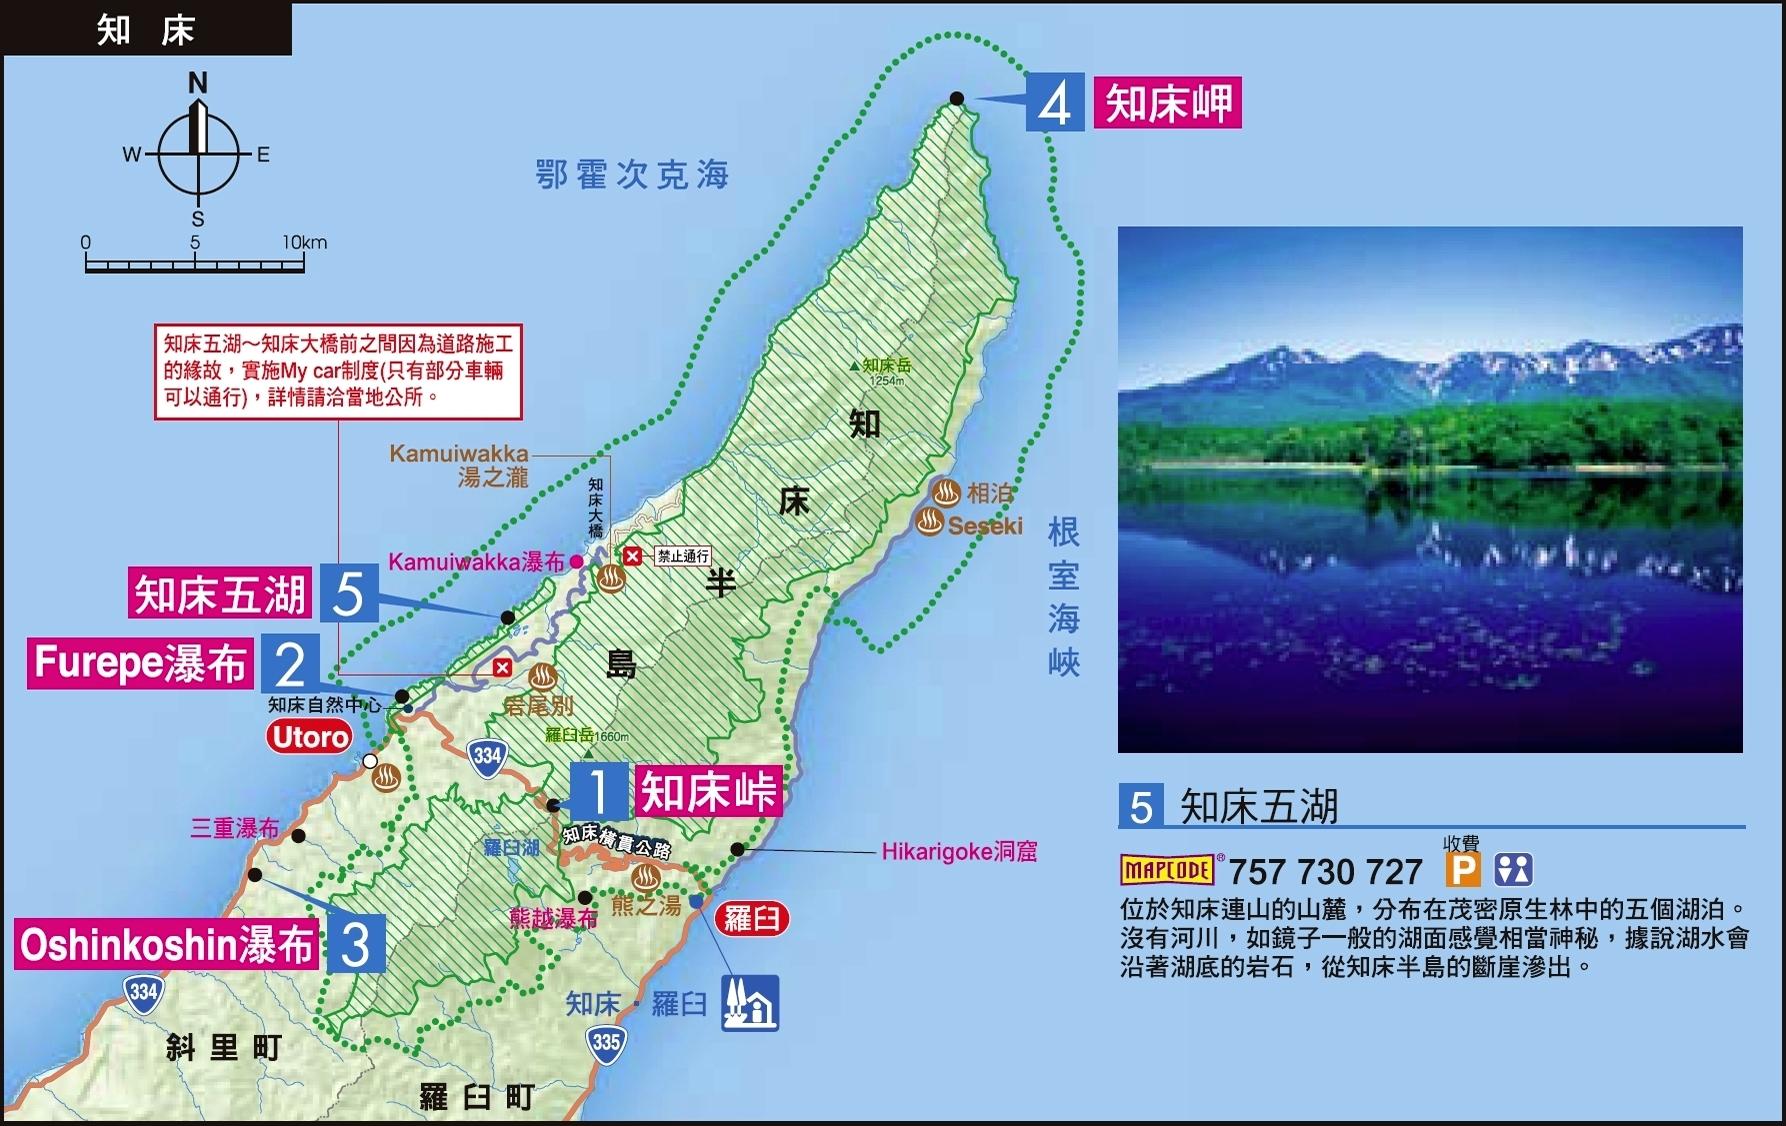 http://albertyung.com/MyTravel/20100915/Map/Map-Hokkaido_shiretoko.jpg